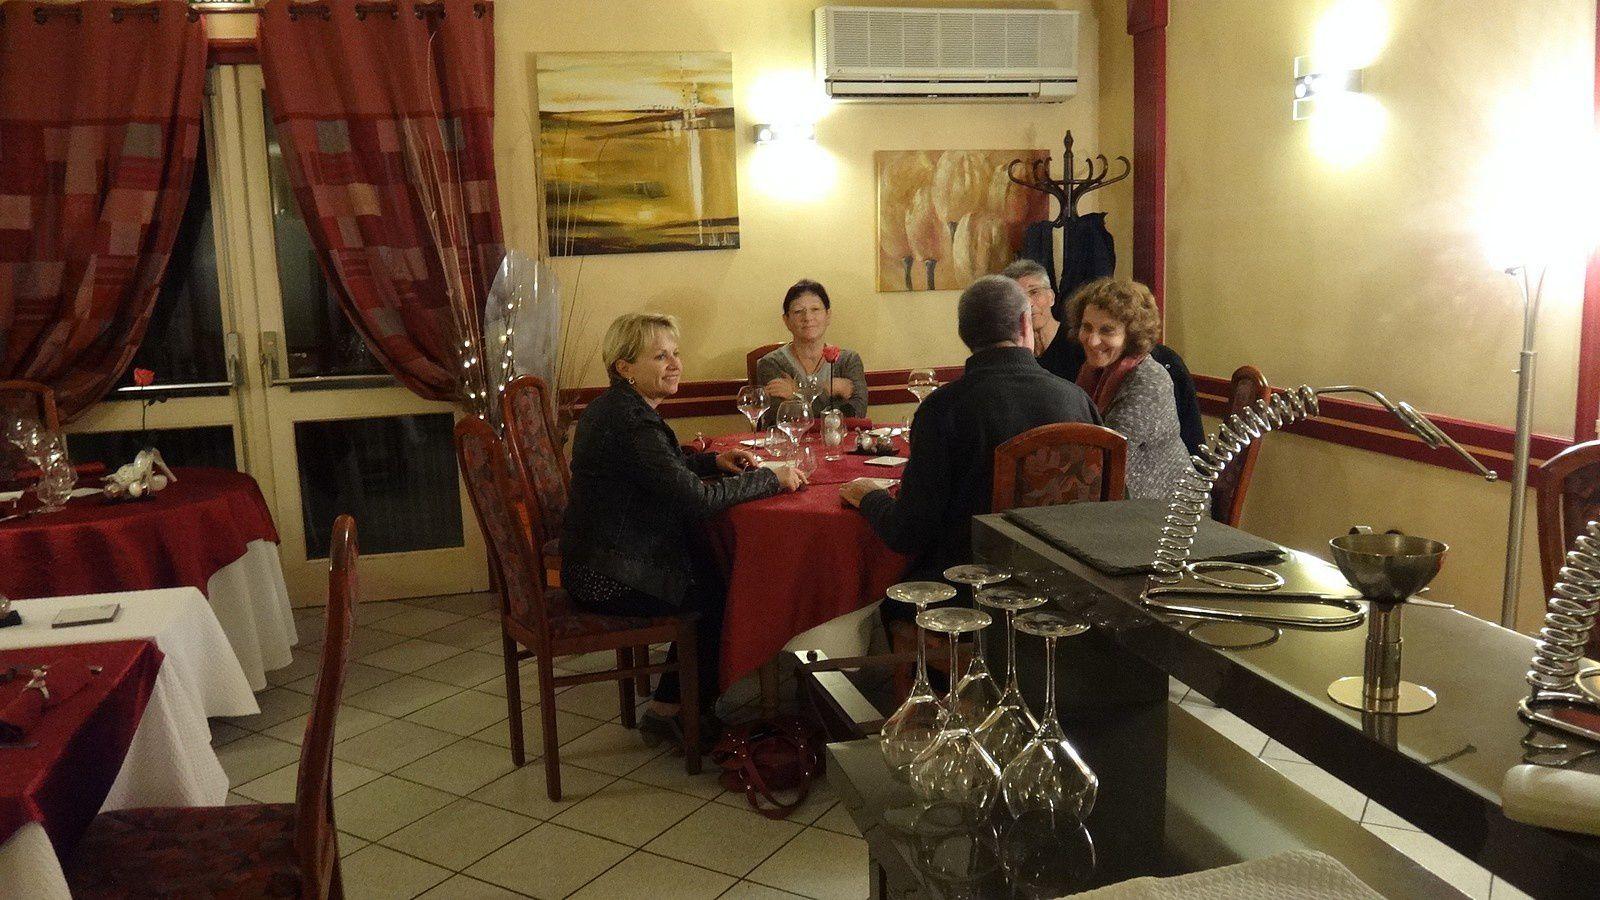 La veille, un bon repas dans un resto chicouné proposé par Marcel.